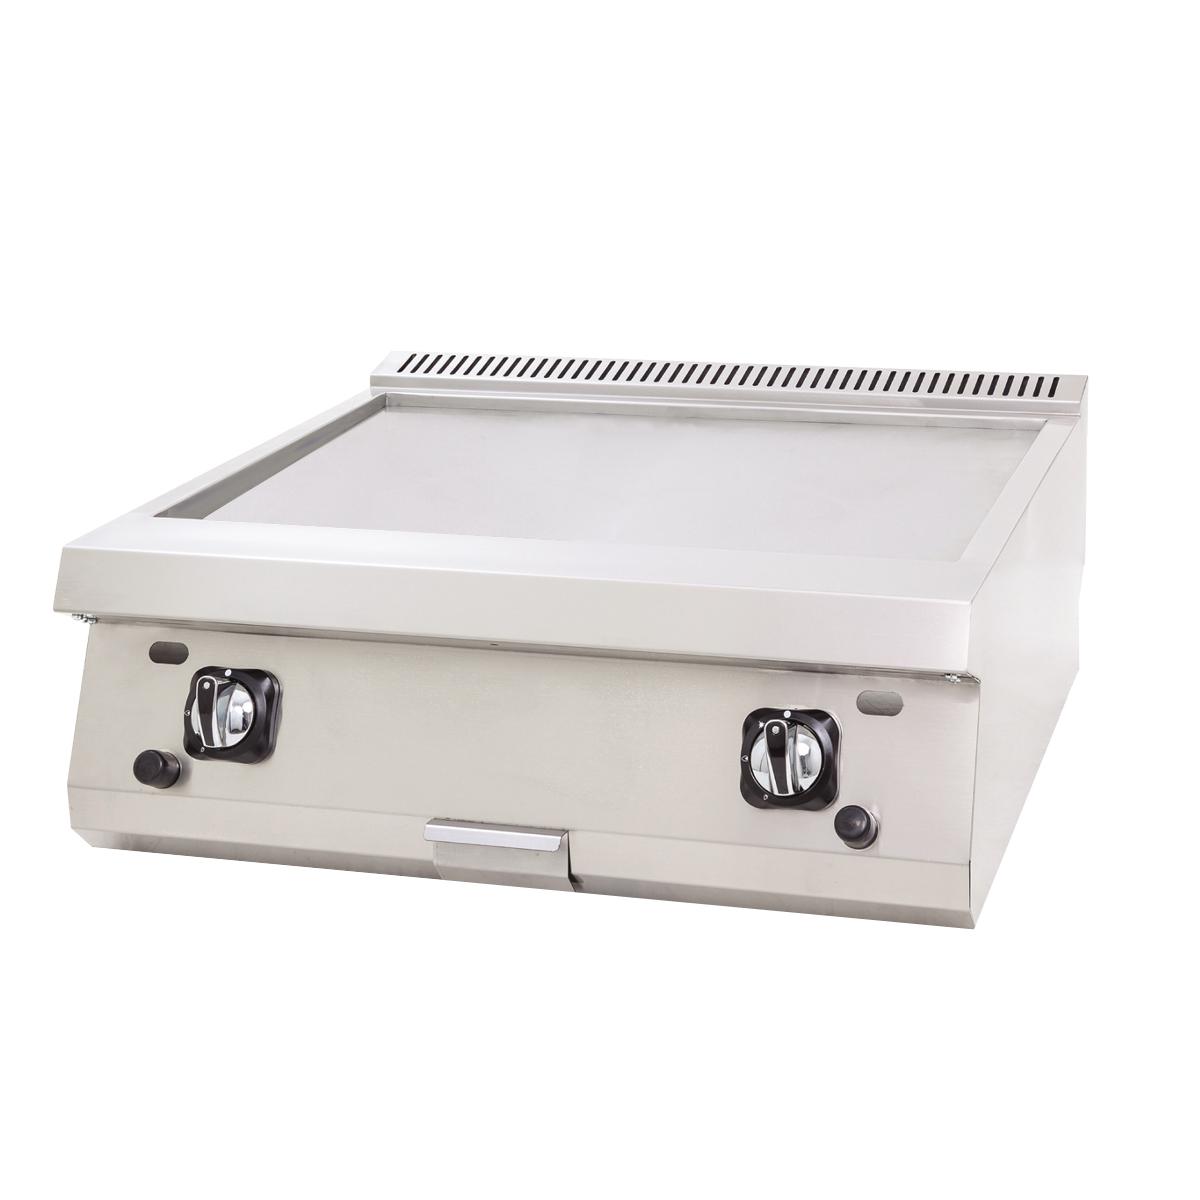 Gas Grill Flat - 80x60